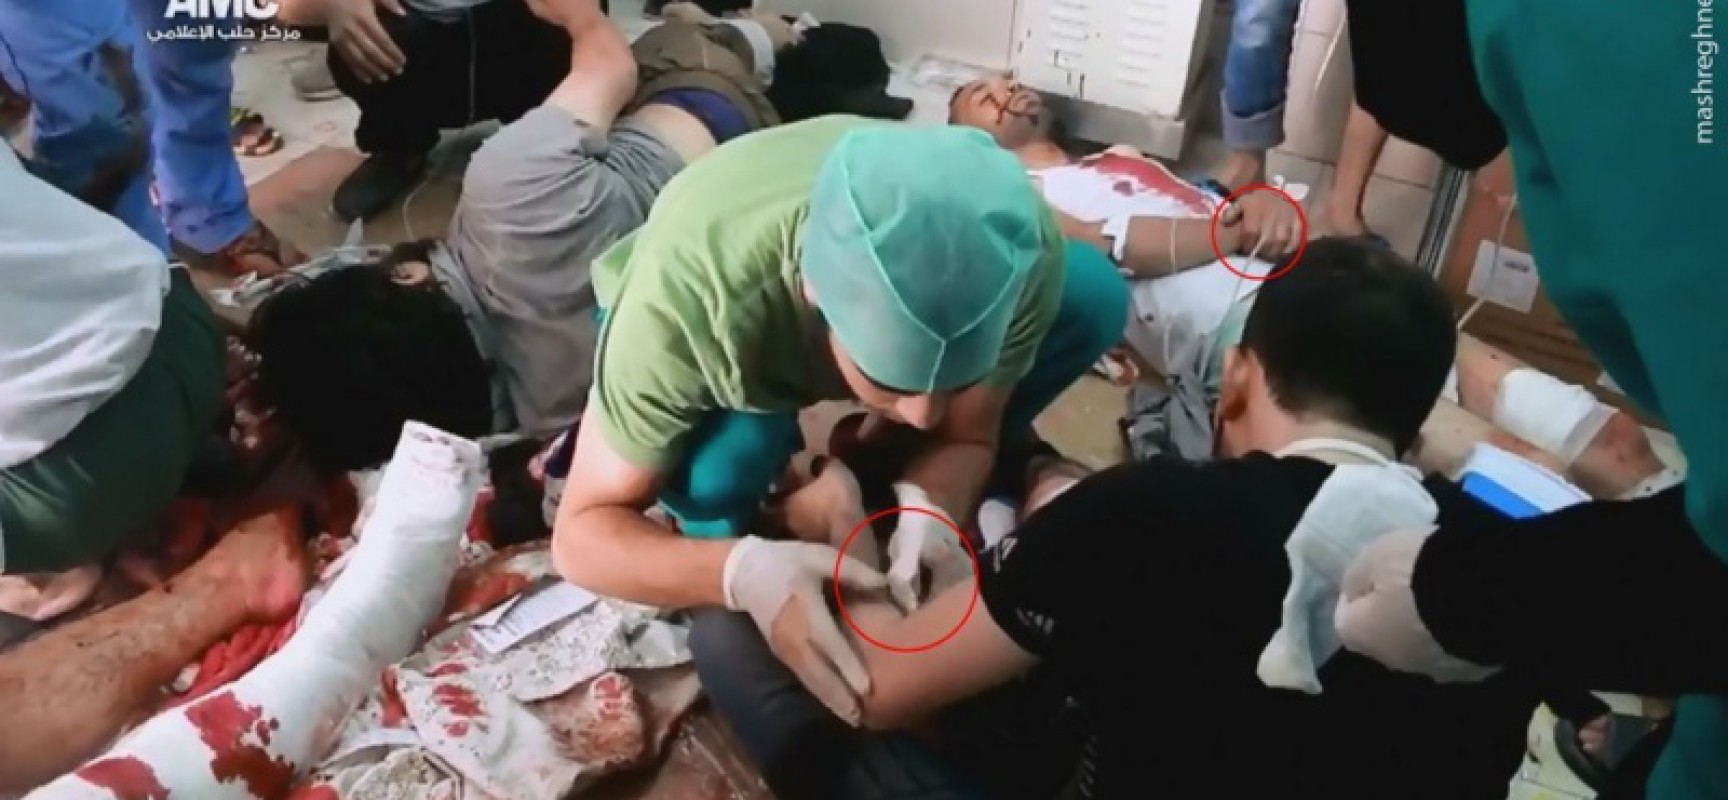 Découverte à Alep d'un trafic d'organes passant par la Turquie